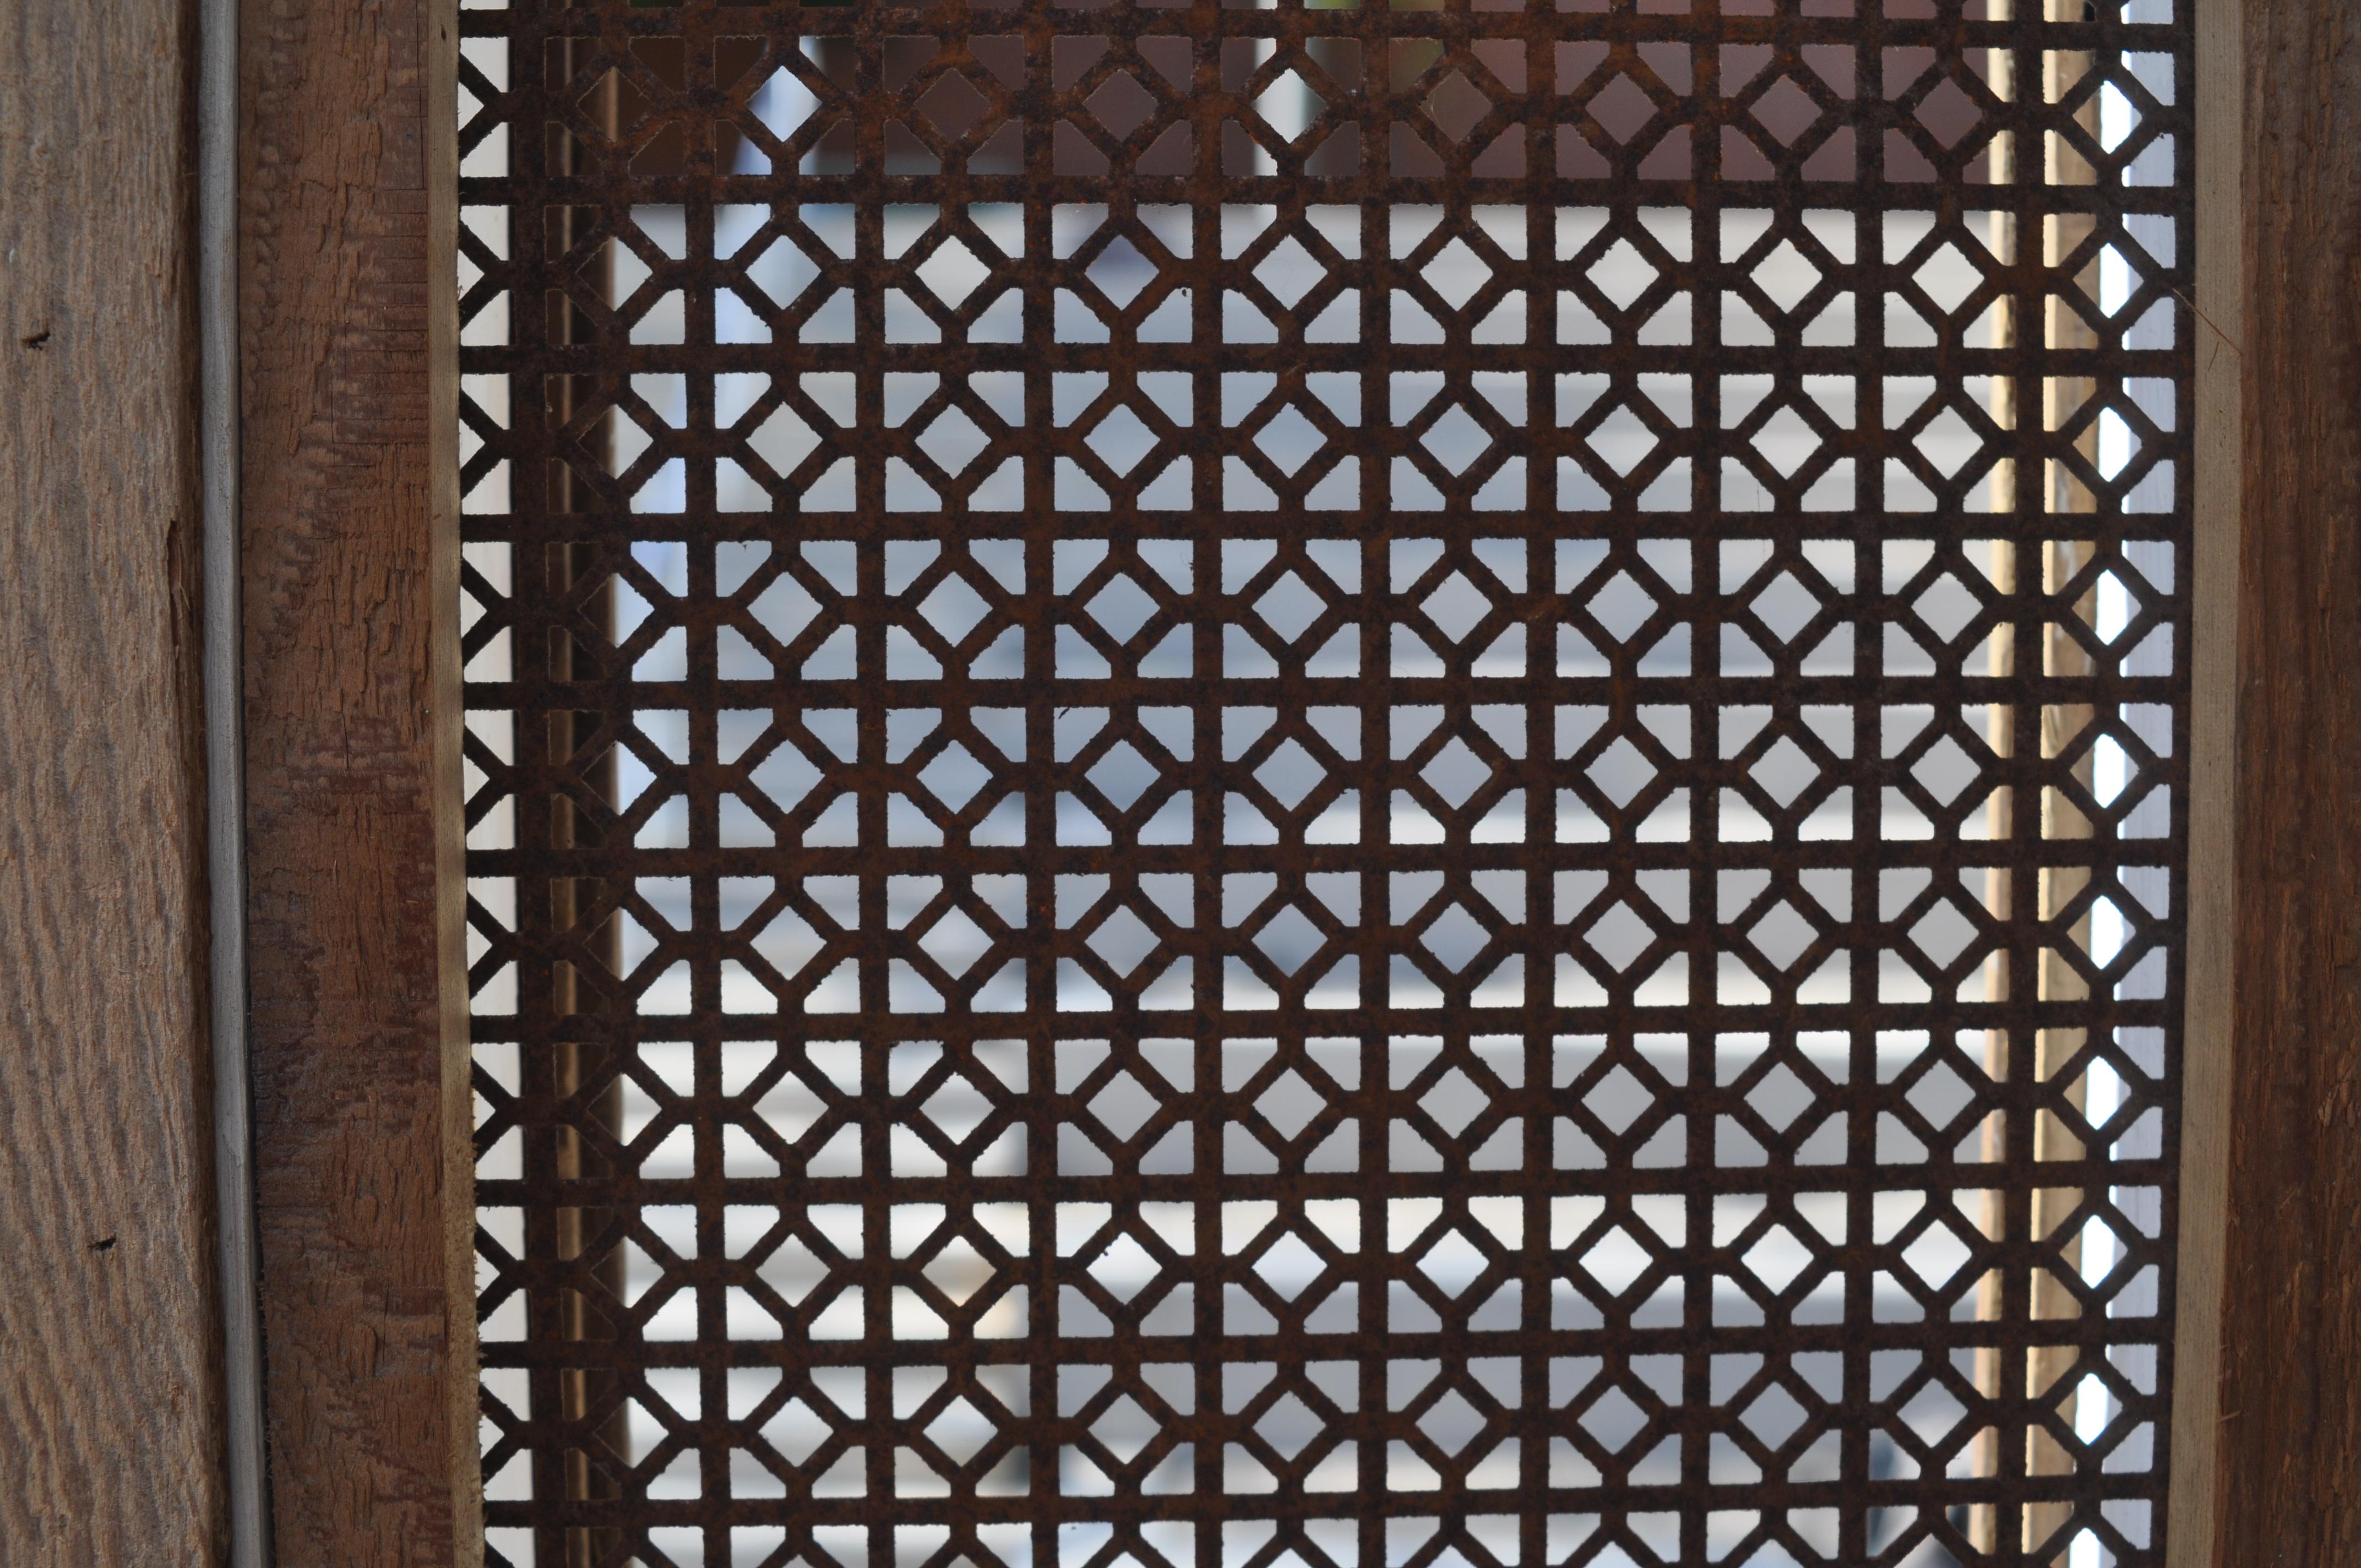 무료 이미지 : 목재, 바닥, 무늬, 문, 인테리어 디자인, 견목, 철 ...